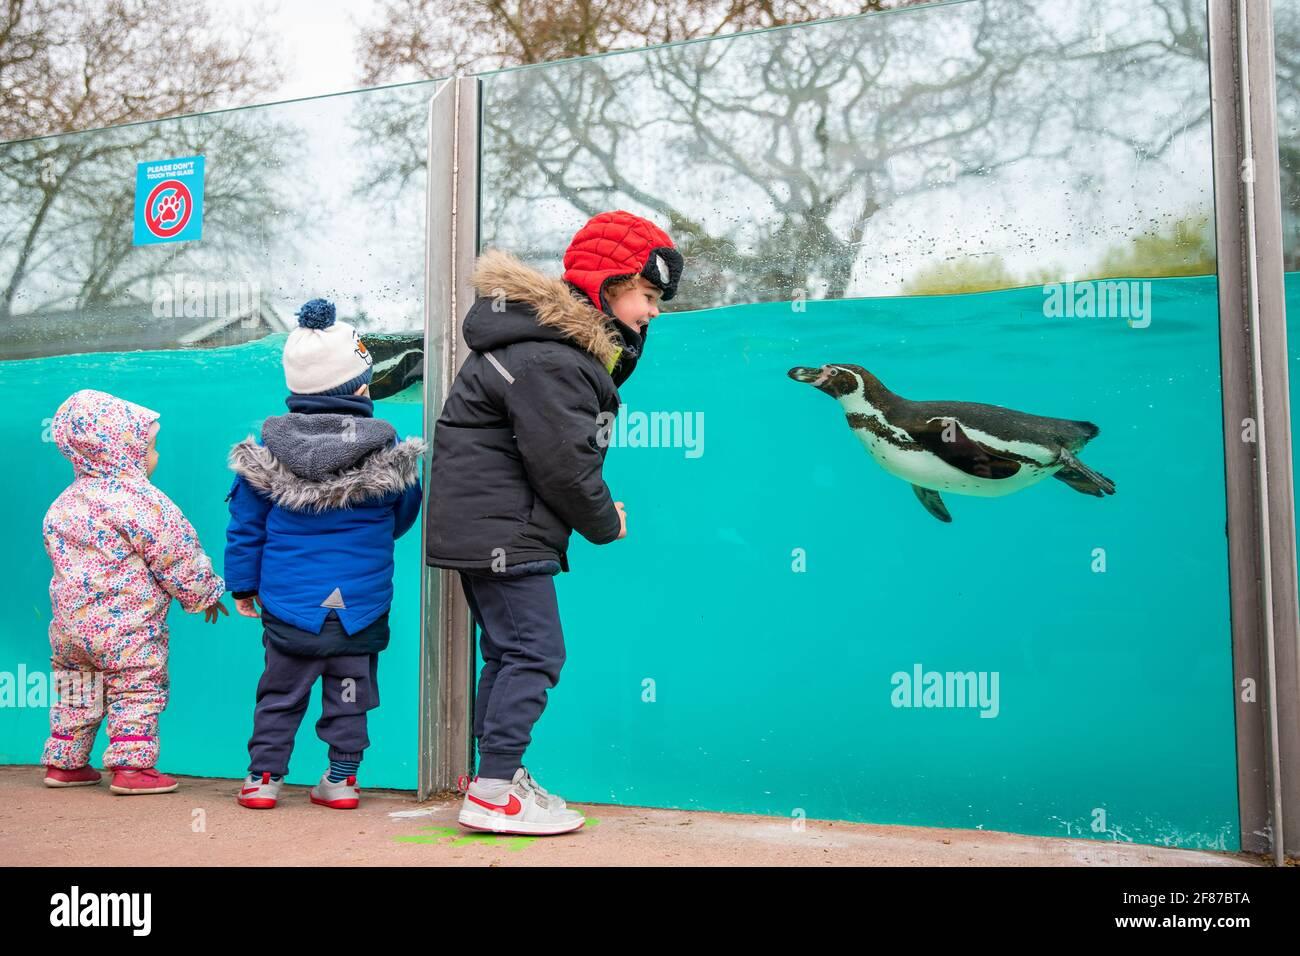 I bambini visitano i pinguini allo Zoo di Londra a Regent's Park, Londra, mentre l'Inghilterra fa un altro passo indietro verso la normalità con l'ulteriore allentamento delle restrizioni di blocco. Data immagine: Lunedì 12 aprile 2021. Foto Stock